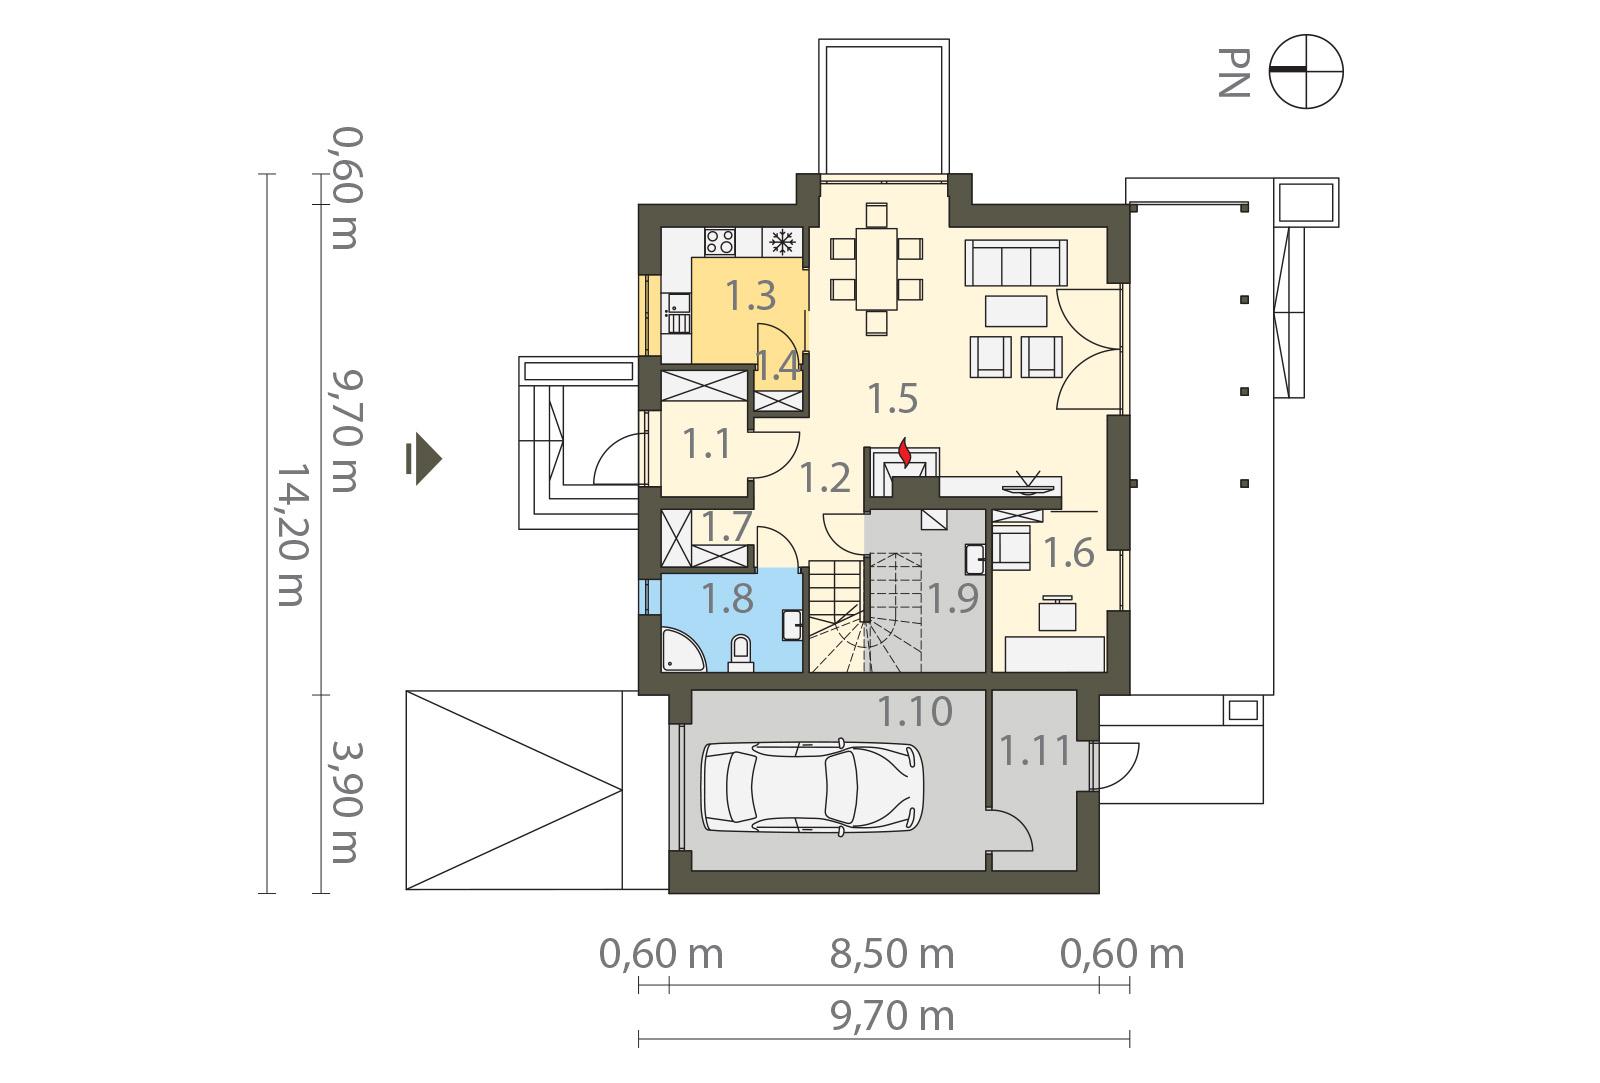 Projekt domu MIGDAŁOWY Domy Czystej Energii rzut parteru